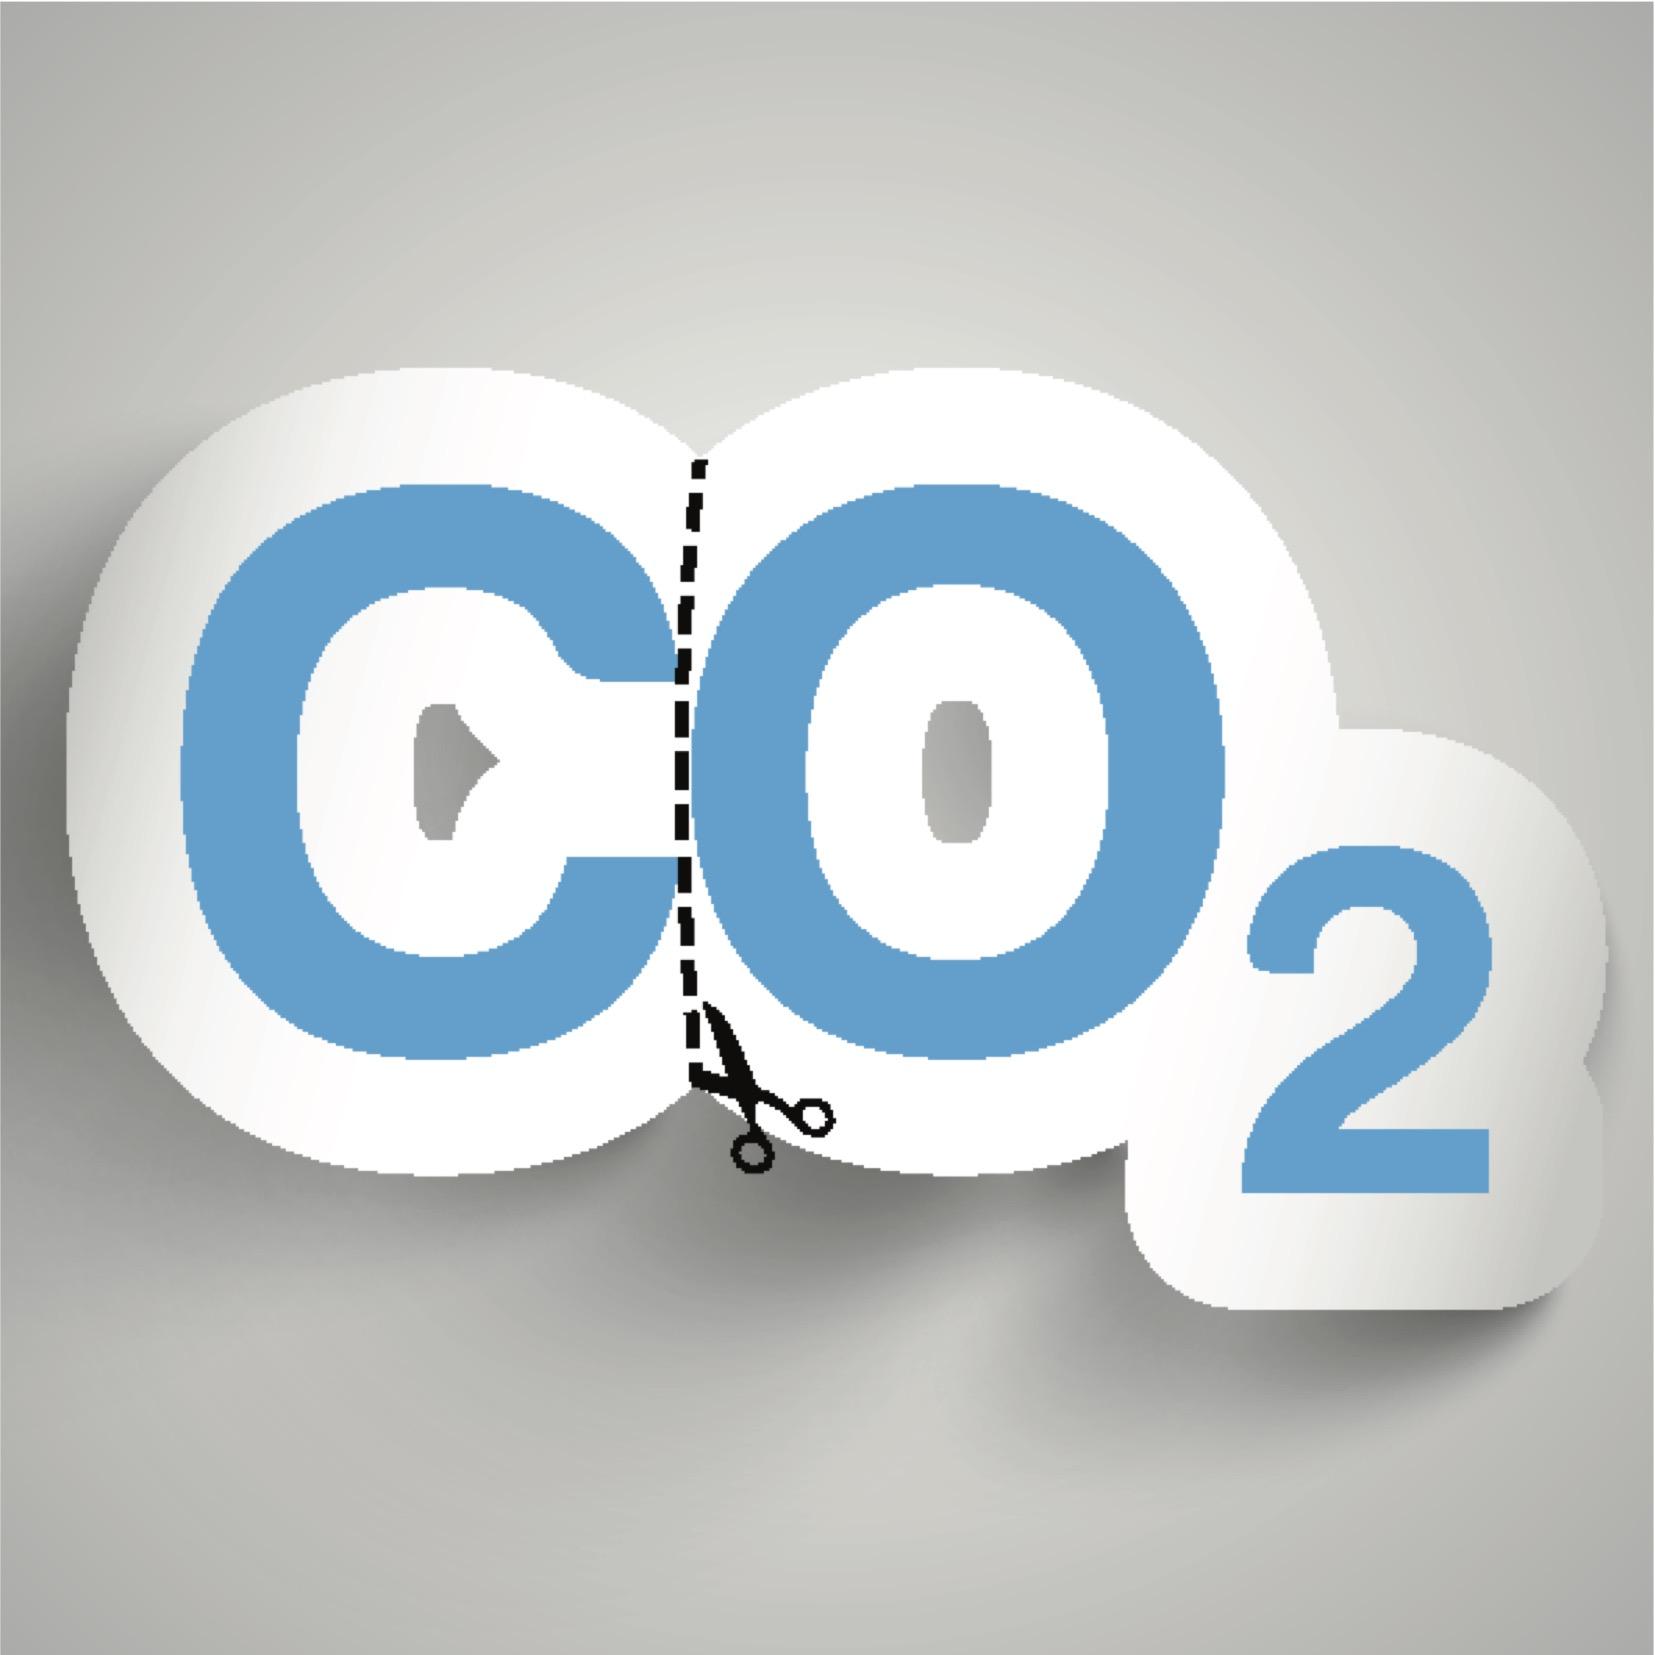 碳交易所今天正式开市,你需要知道的6个问题